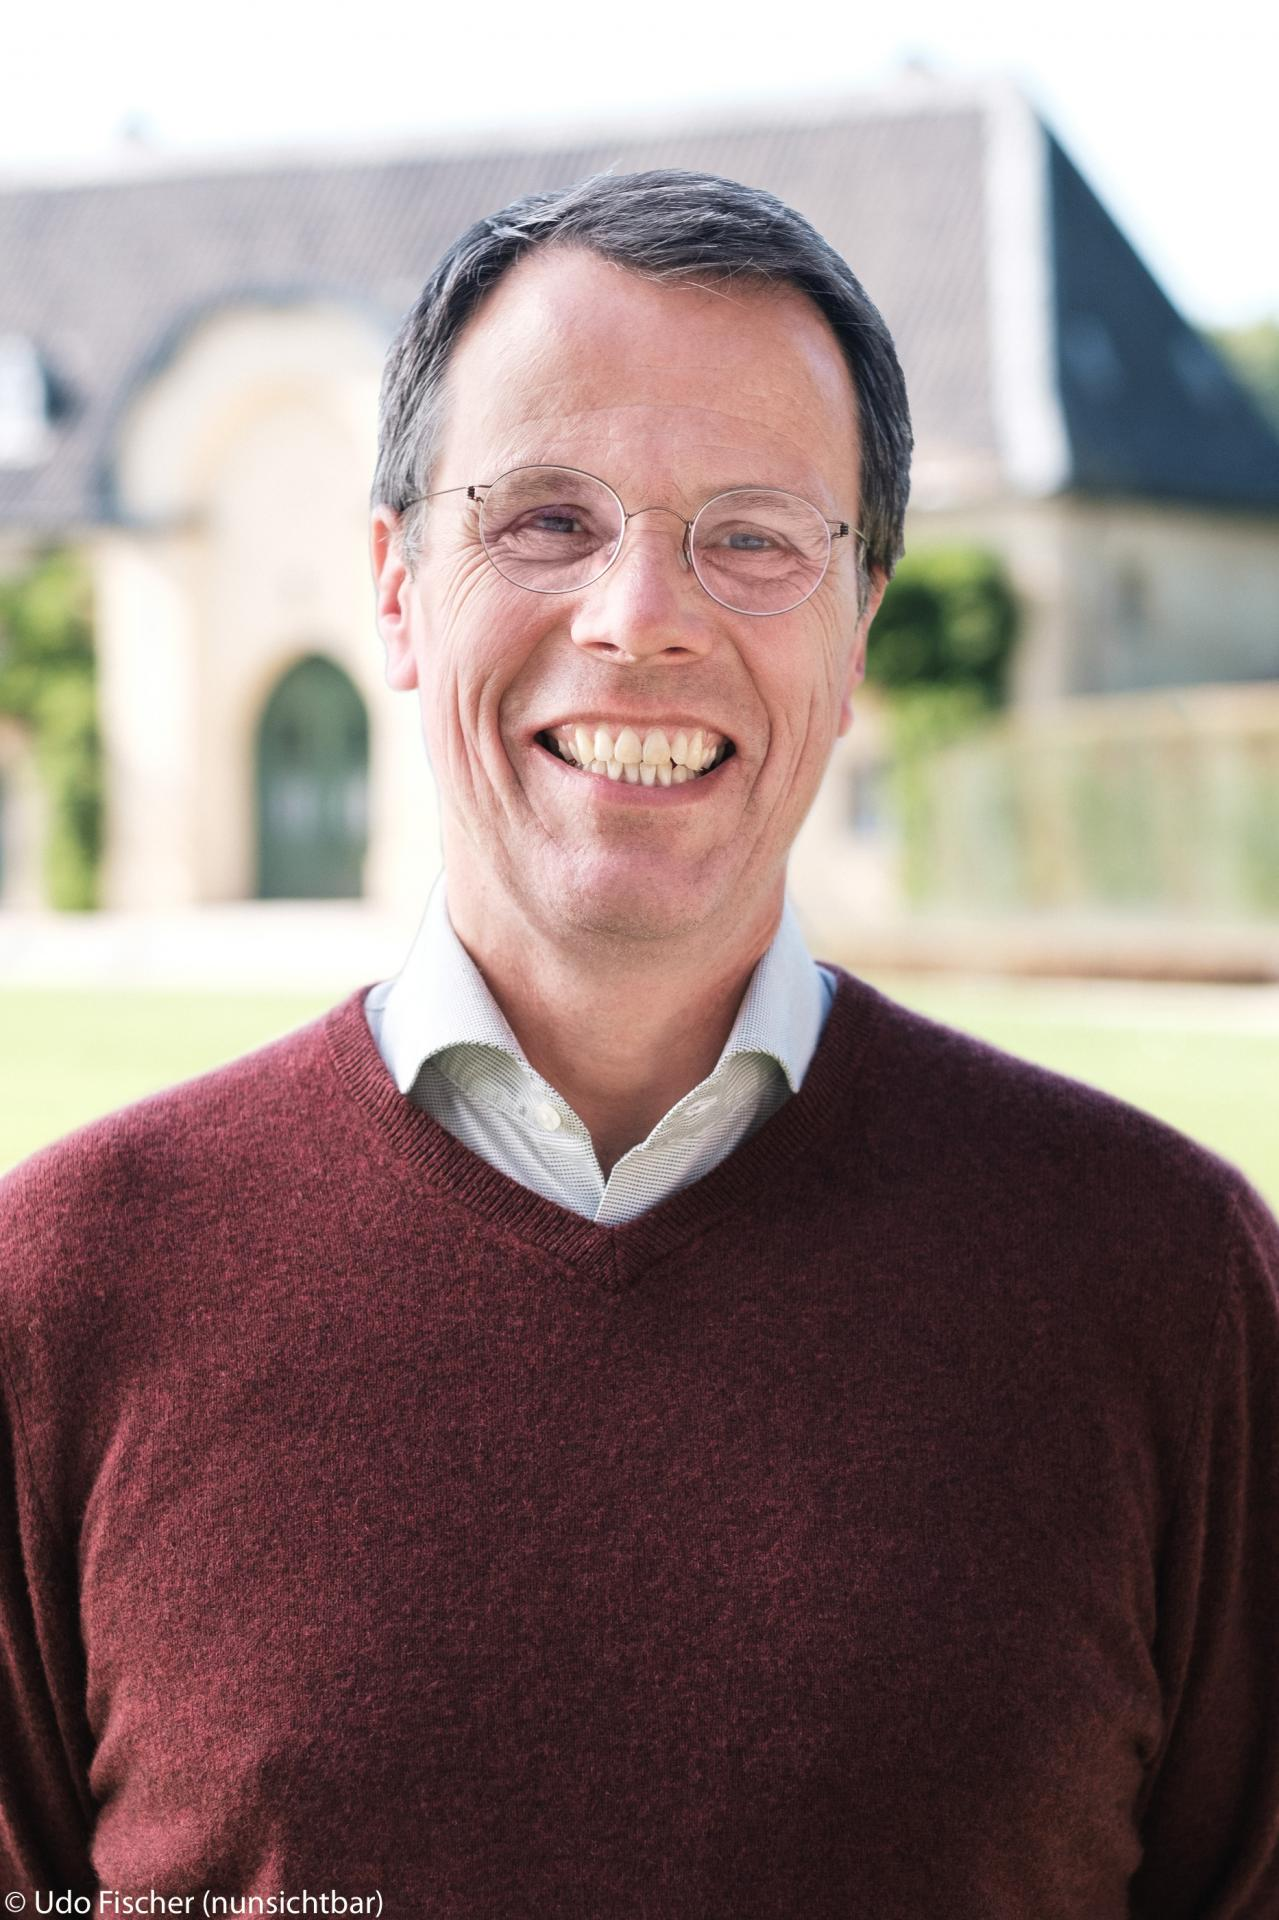 Prof. Dr. habil. Philipp Zitzlsperger